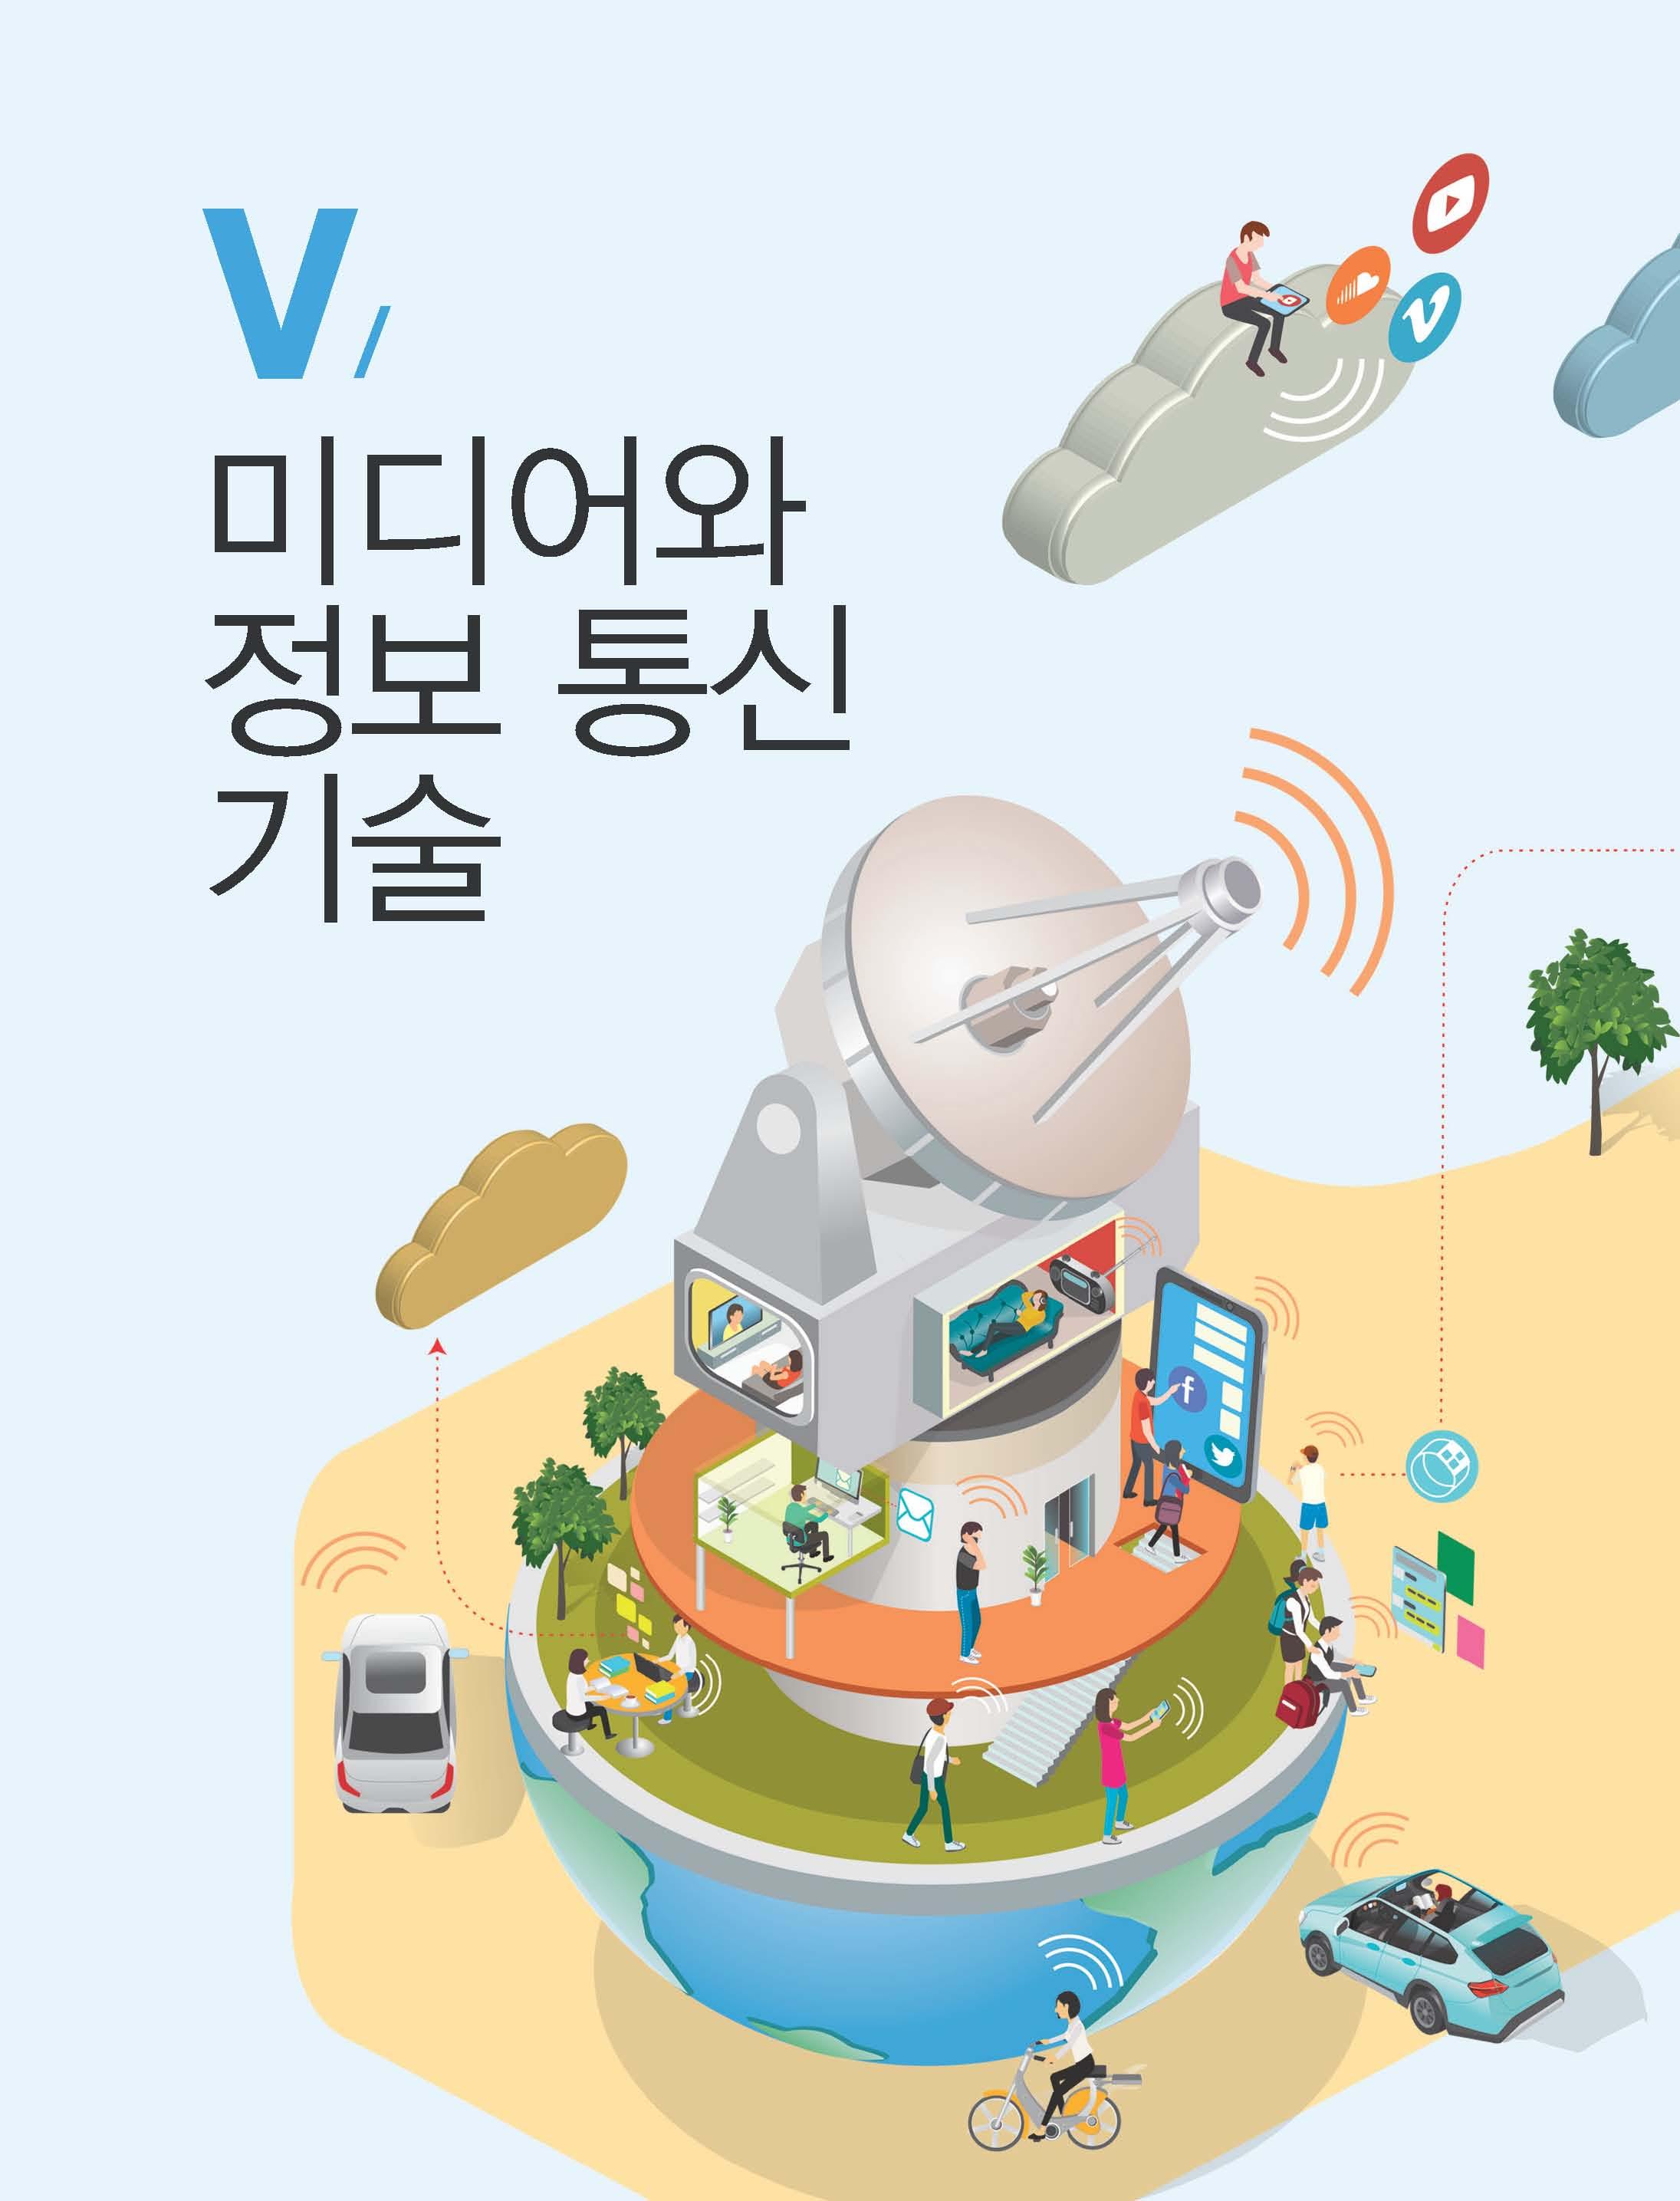 5.미디어와 정보 통신 기술 제목 이미지